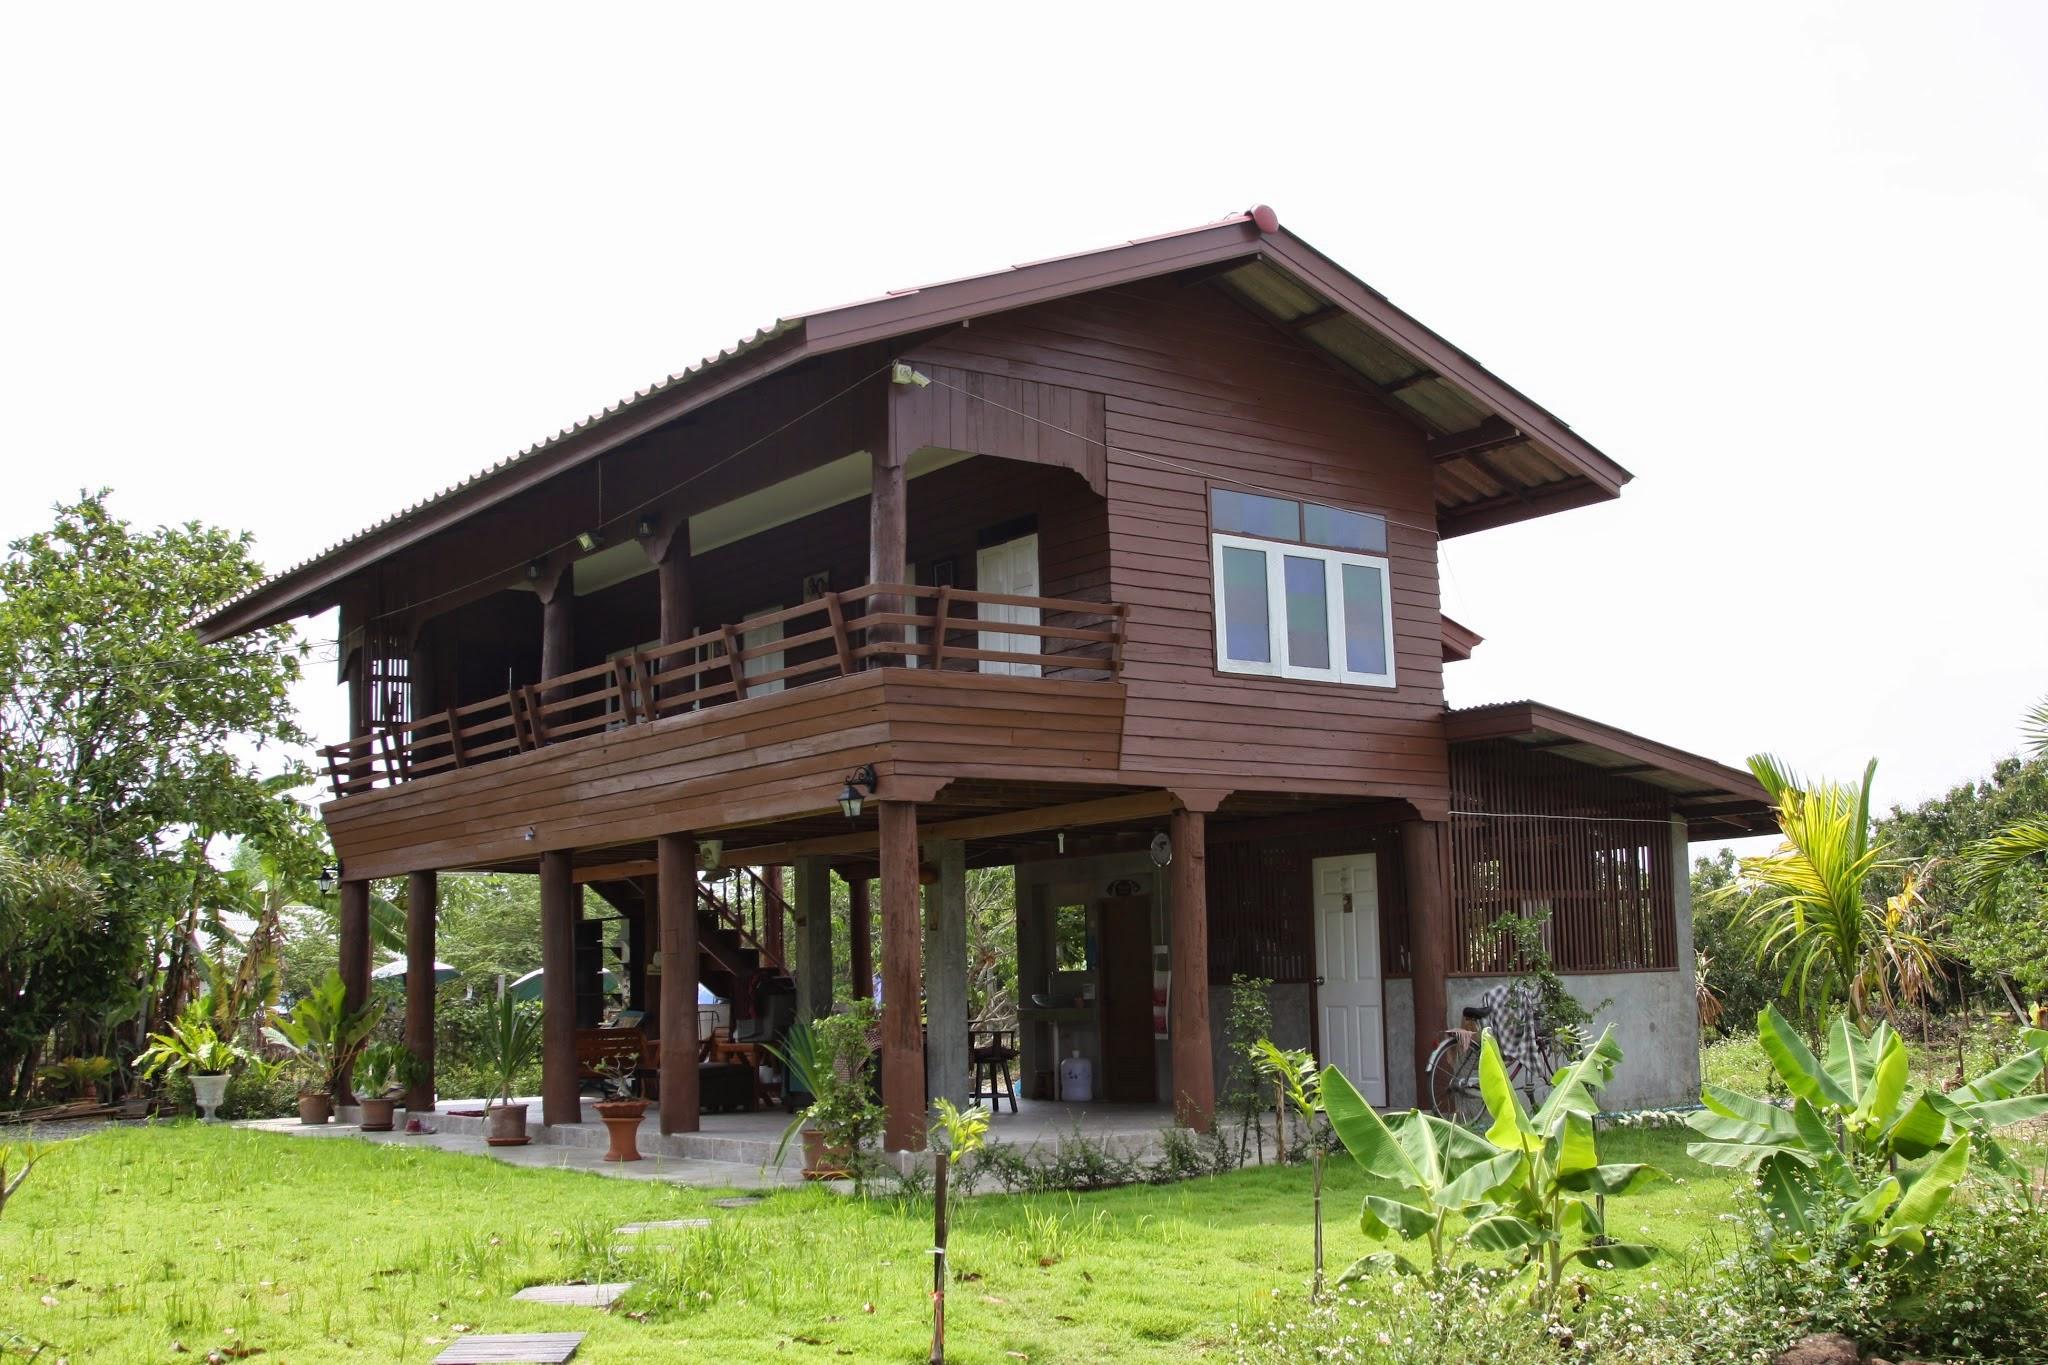 บ้านไม้สักยกพื้นสูงกึ่งปูนเปลือย ชั้นบนมีระเบียงนั่งเล่นชมวิวสวน